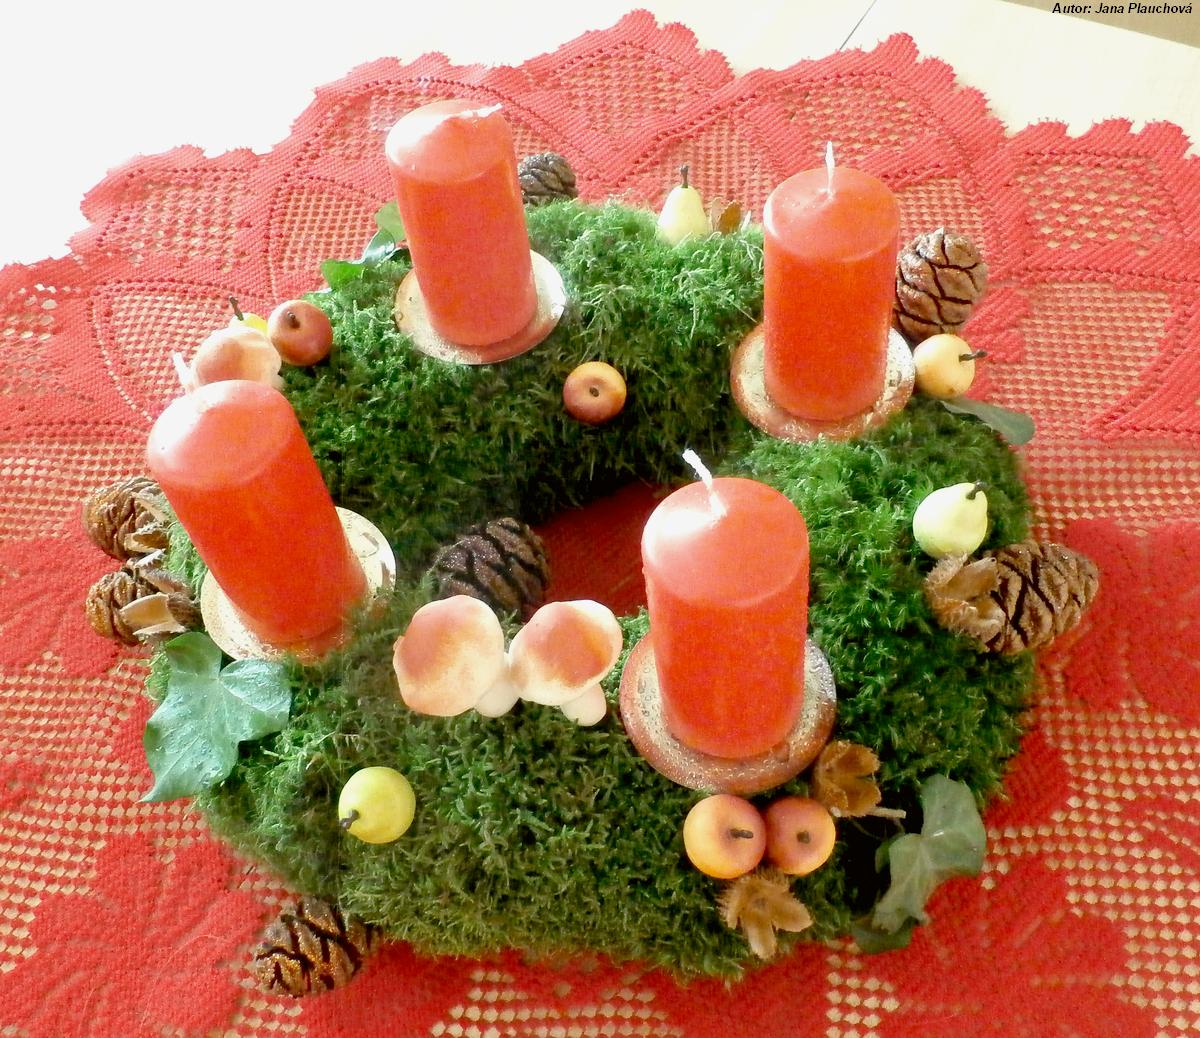 Netradičný veniec vyrobený z machu pritaveného na polystyrénový základ. Je v jesennom štýle, s umelými hubami, jabĺčkami a hruštičkami. Vianočný výzor mu dodávajú sekvojové šišky posypané trblietkami, čerstvejšie červenými, staršie (a tmavšie) hnedými.